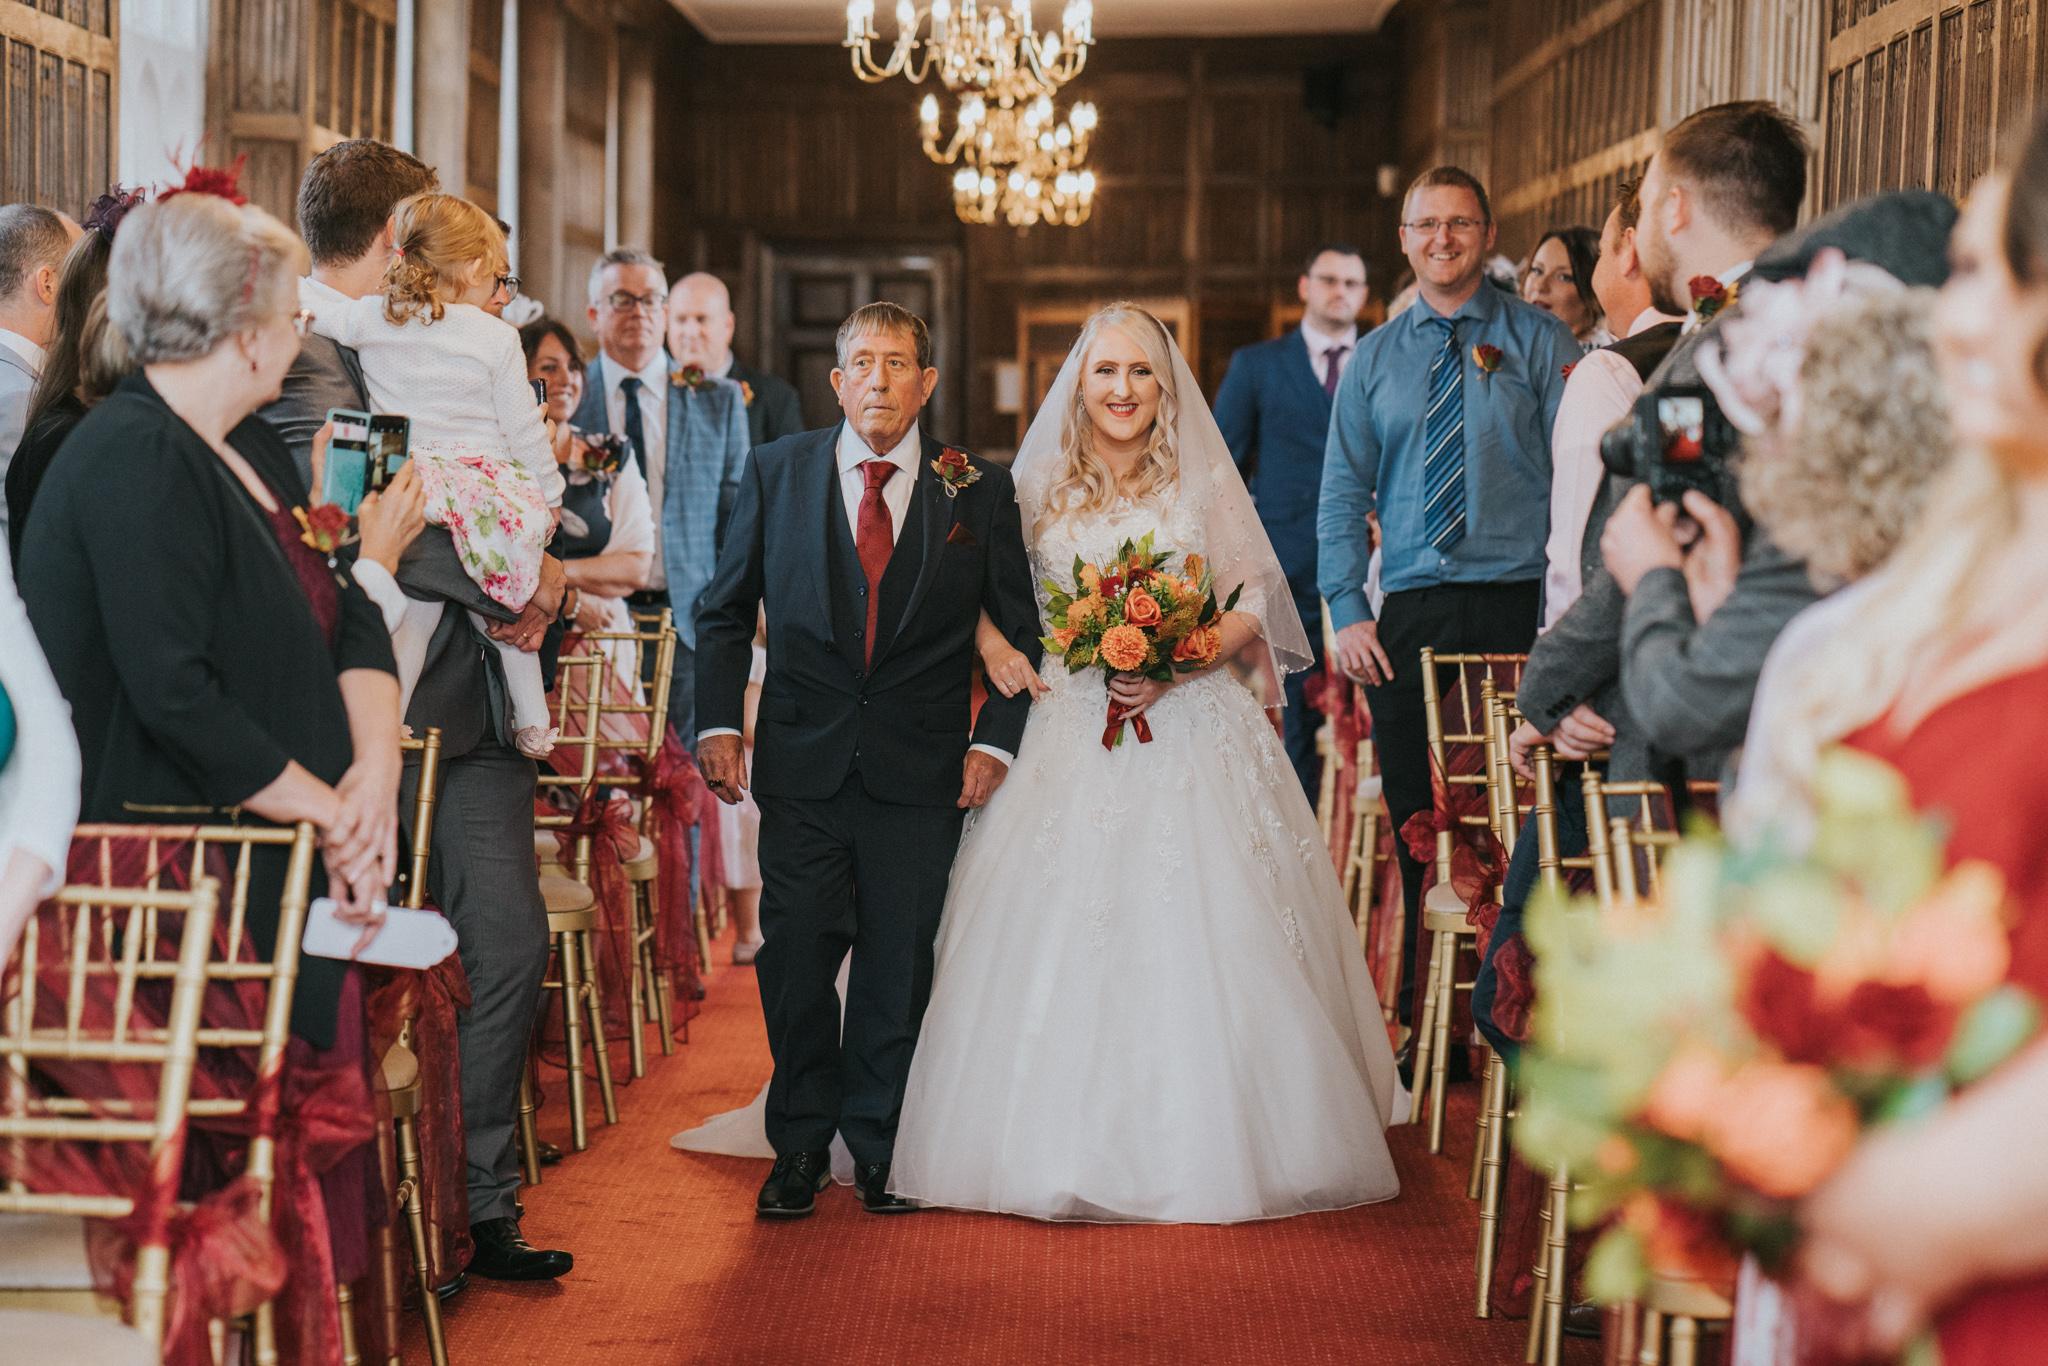 chara-neil-gosfield-hall-wedding-grace-elizabeth-colchester-essex-alternative-wedding-photographer-essex-devon-suffolk-norfolk (26 of 50).jpg